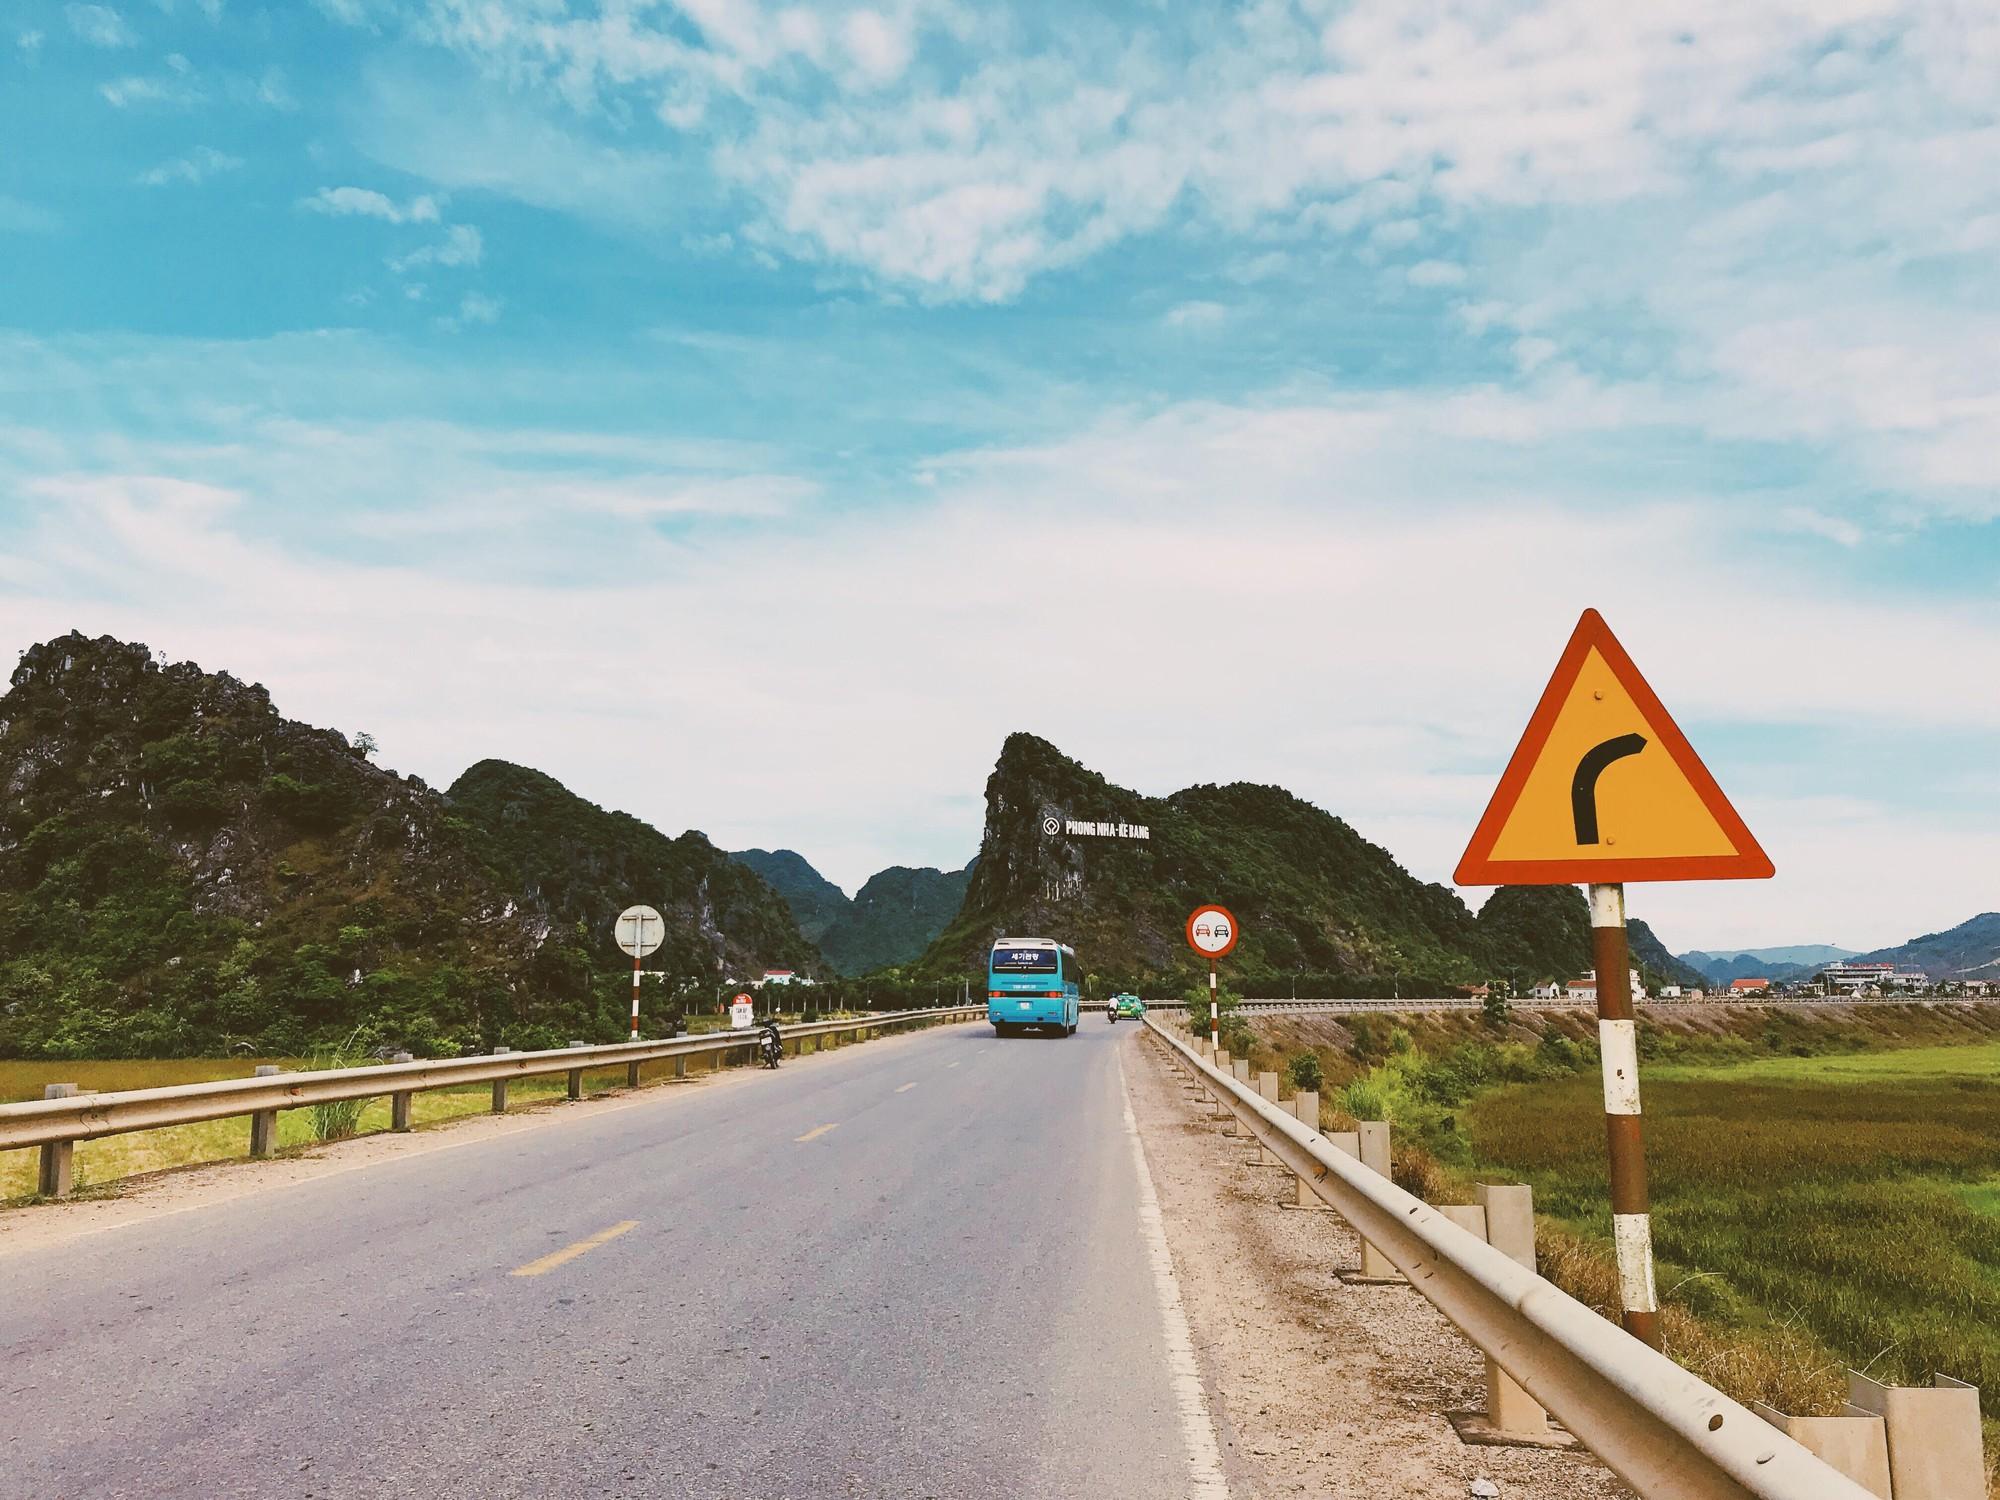 Hè rất gần rồi, chần chừ gì nữa mà không đến Quảng Bình để tâm hồn được chill hỡi các bạn trẻ ơi - Ảnh 20.